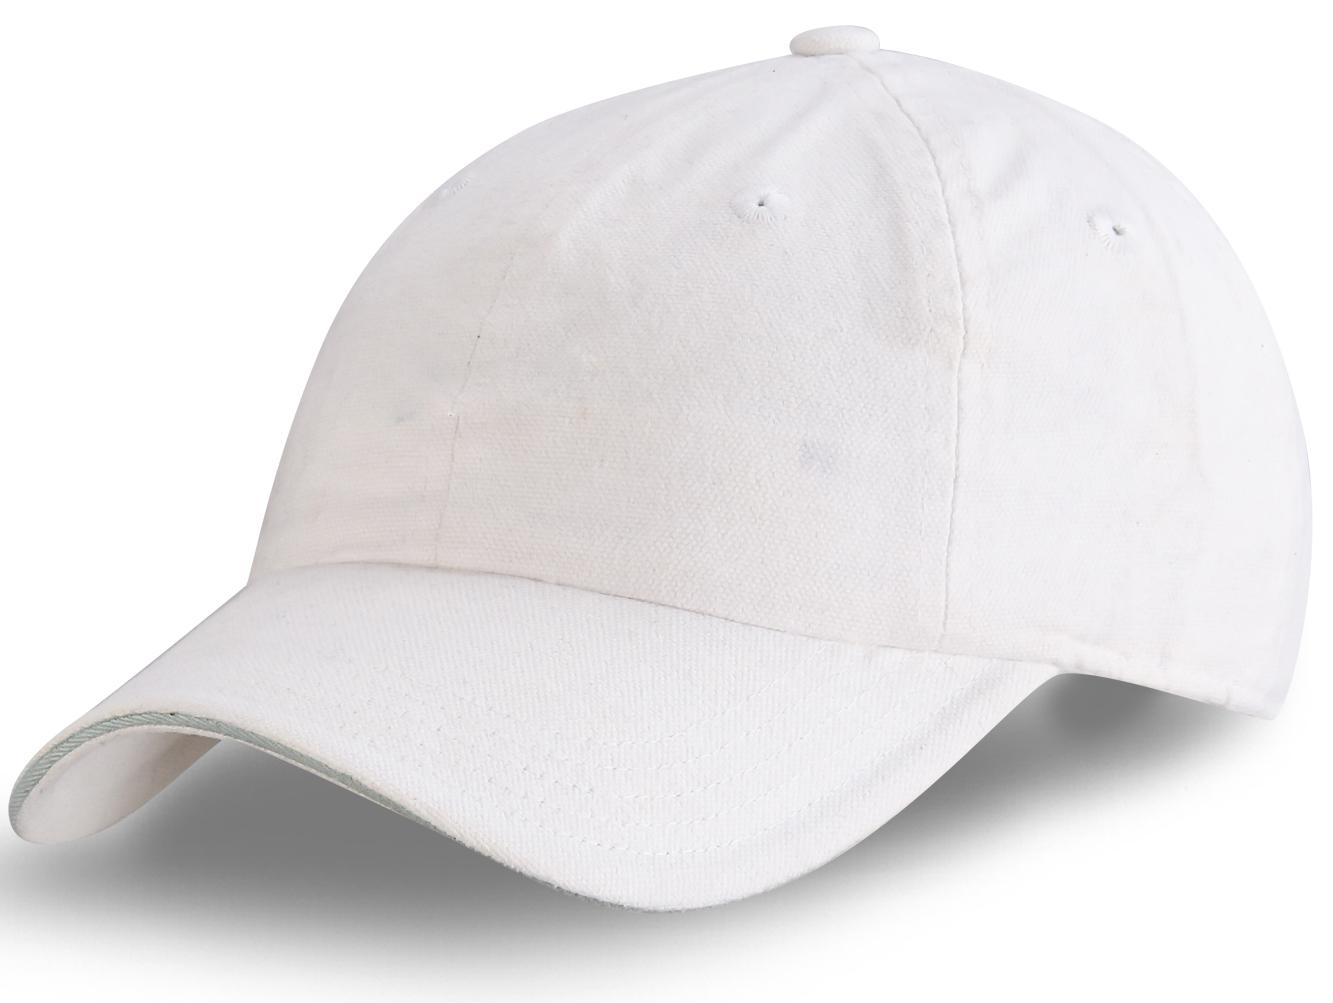 Белая бейсболка - отменного качества